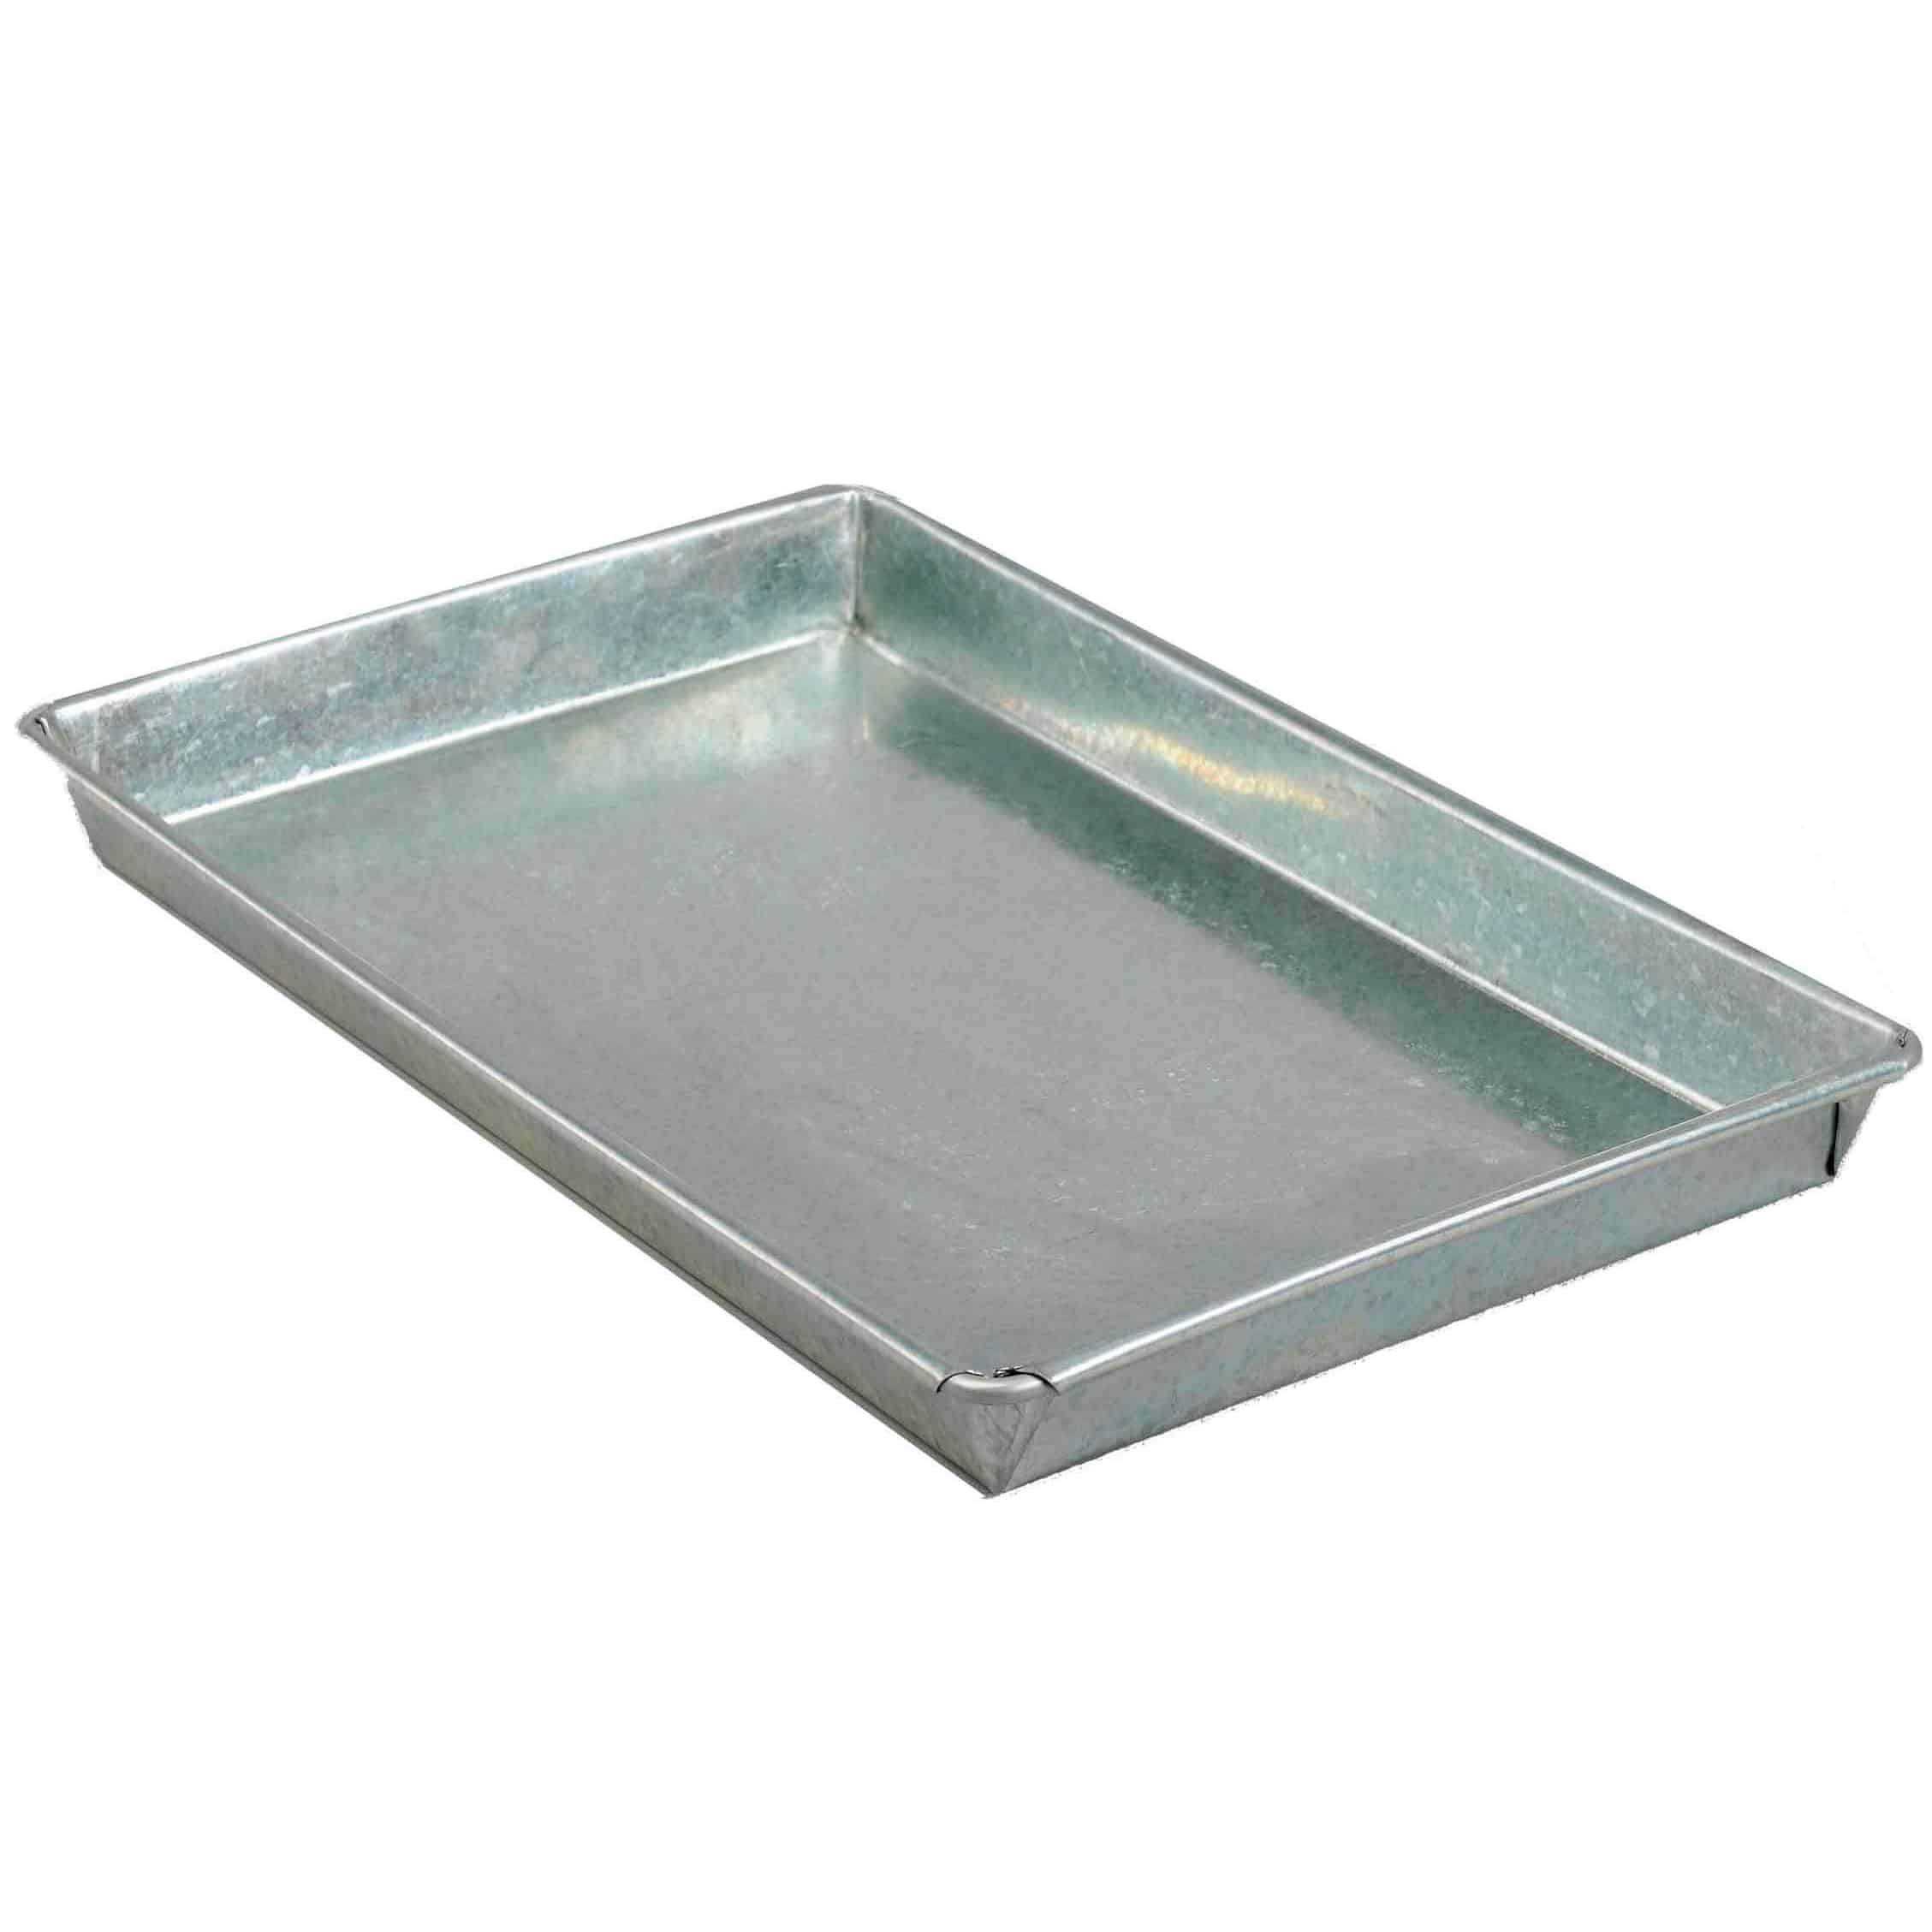 Galvanised Steel Drip Trays 5 Litre